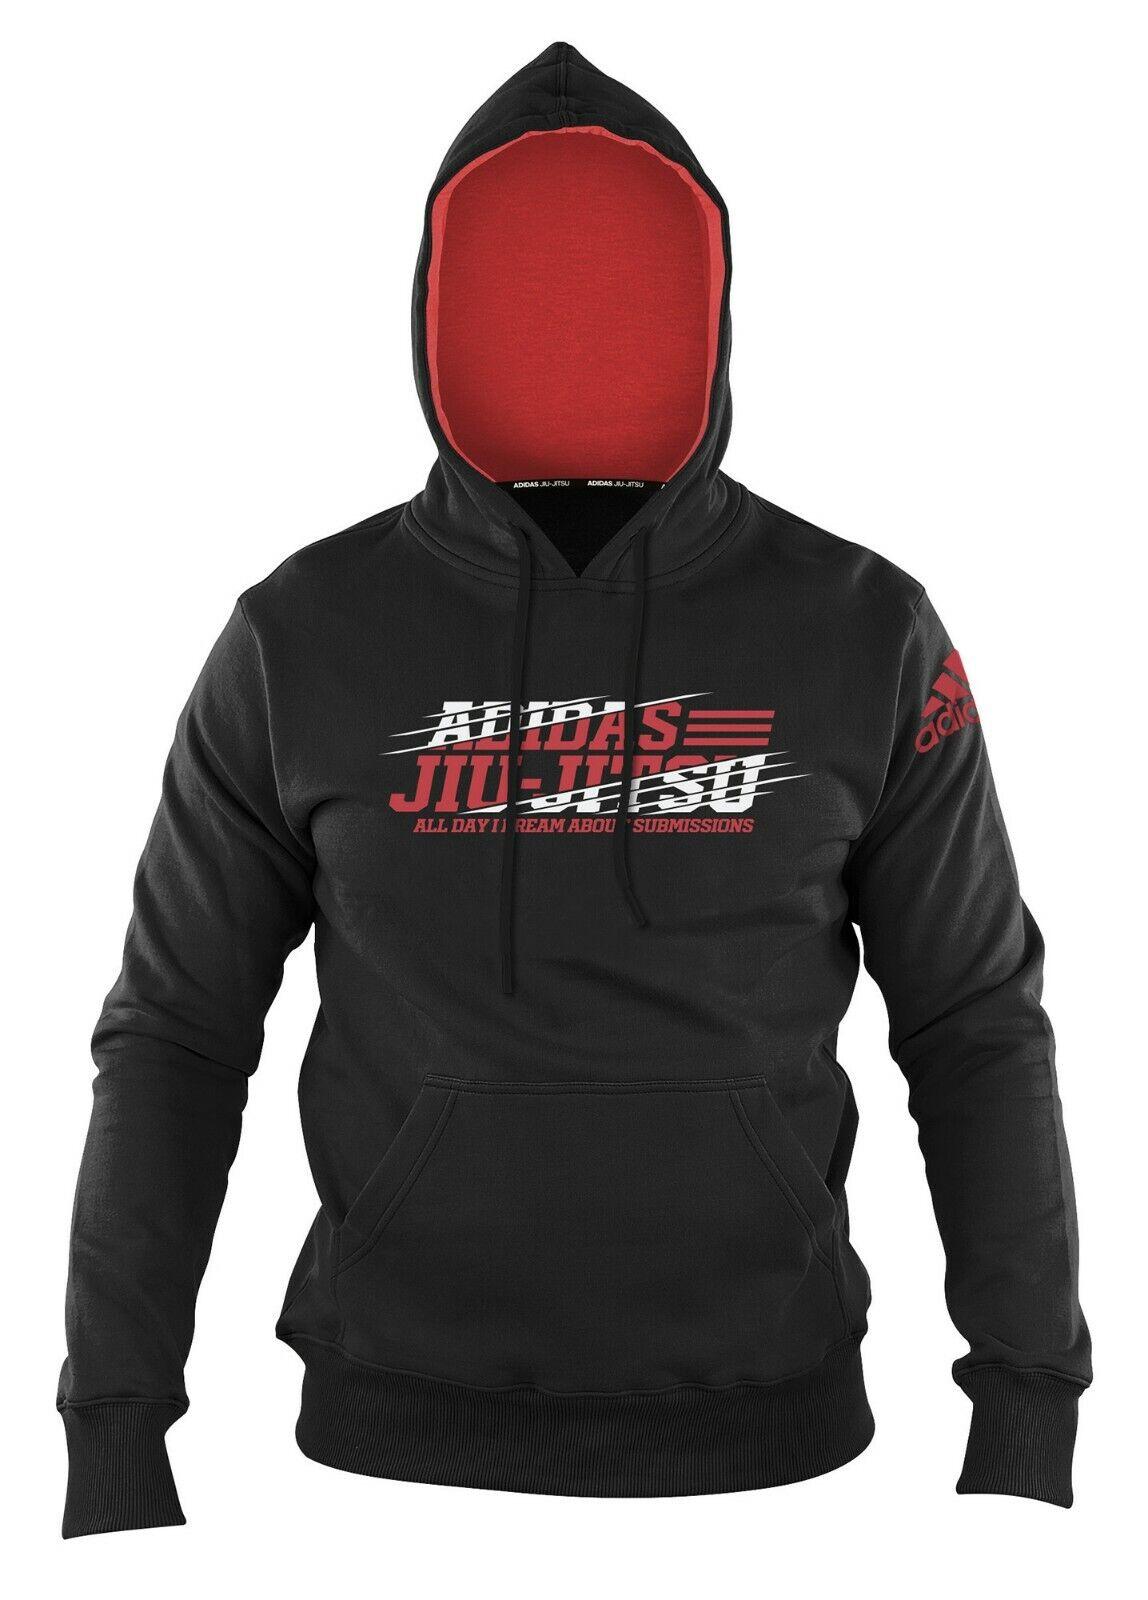 Adidas Hoody Jiu-Jitsu  Flash  schwarz rot adiCSH03 adiCSH03 adiCSH03  - Hoodie - BJJ-Hoodie 4931d1